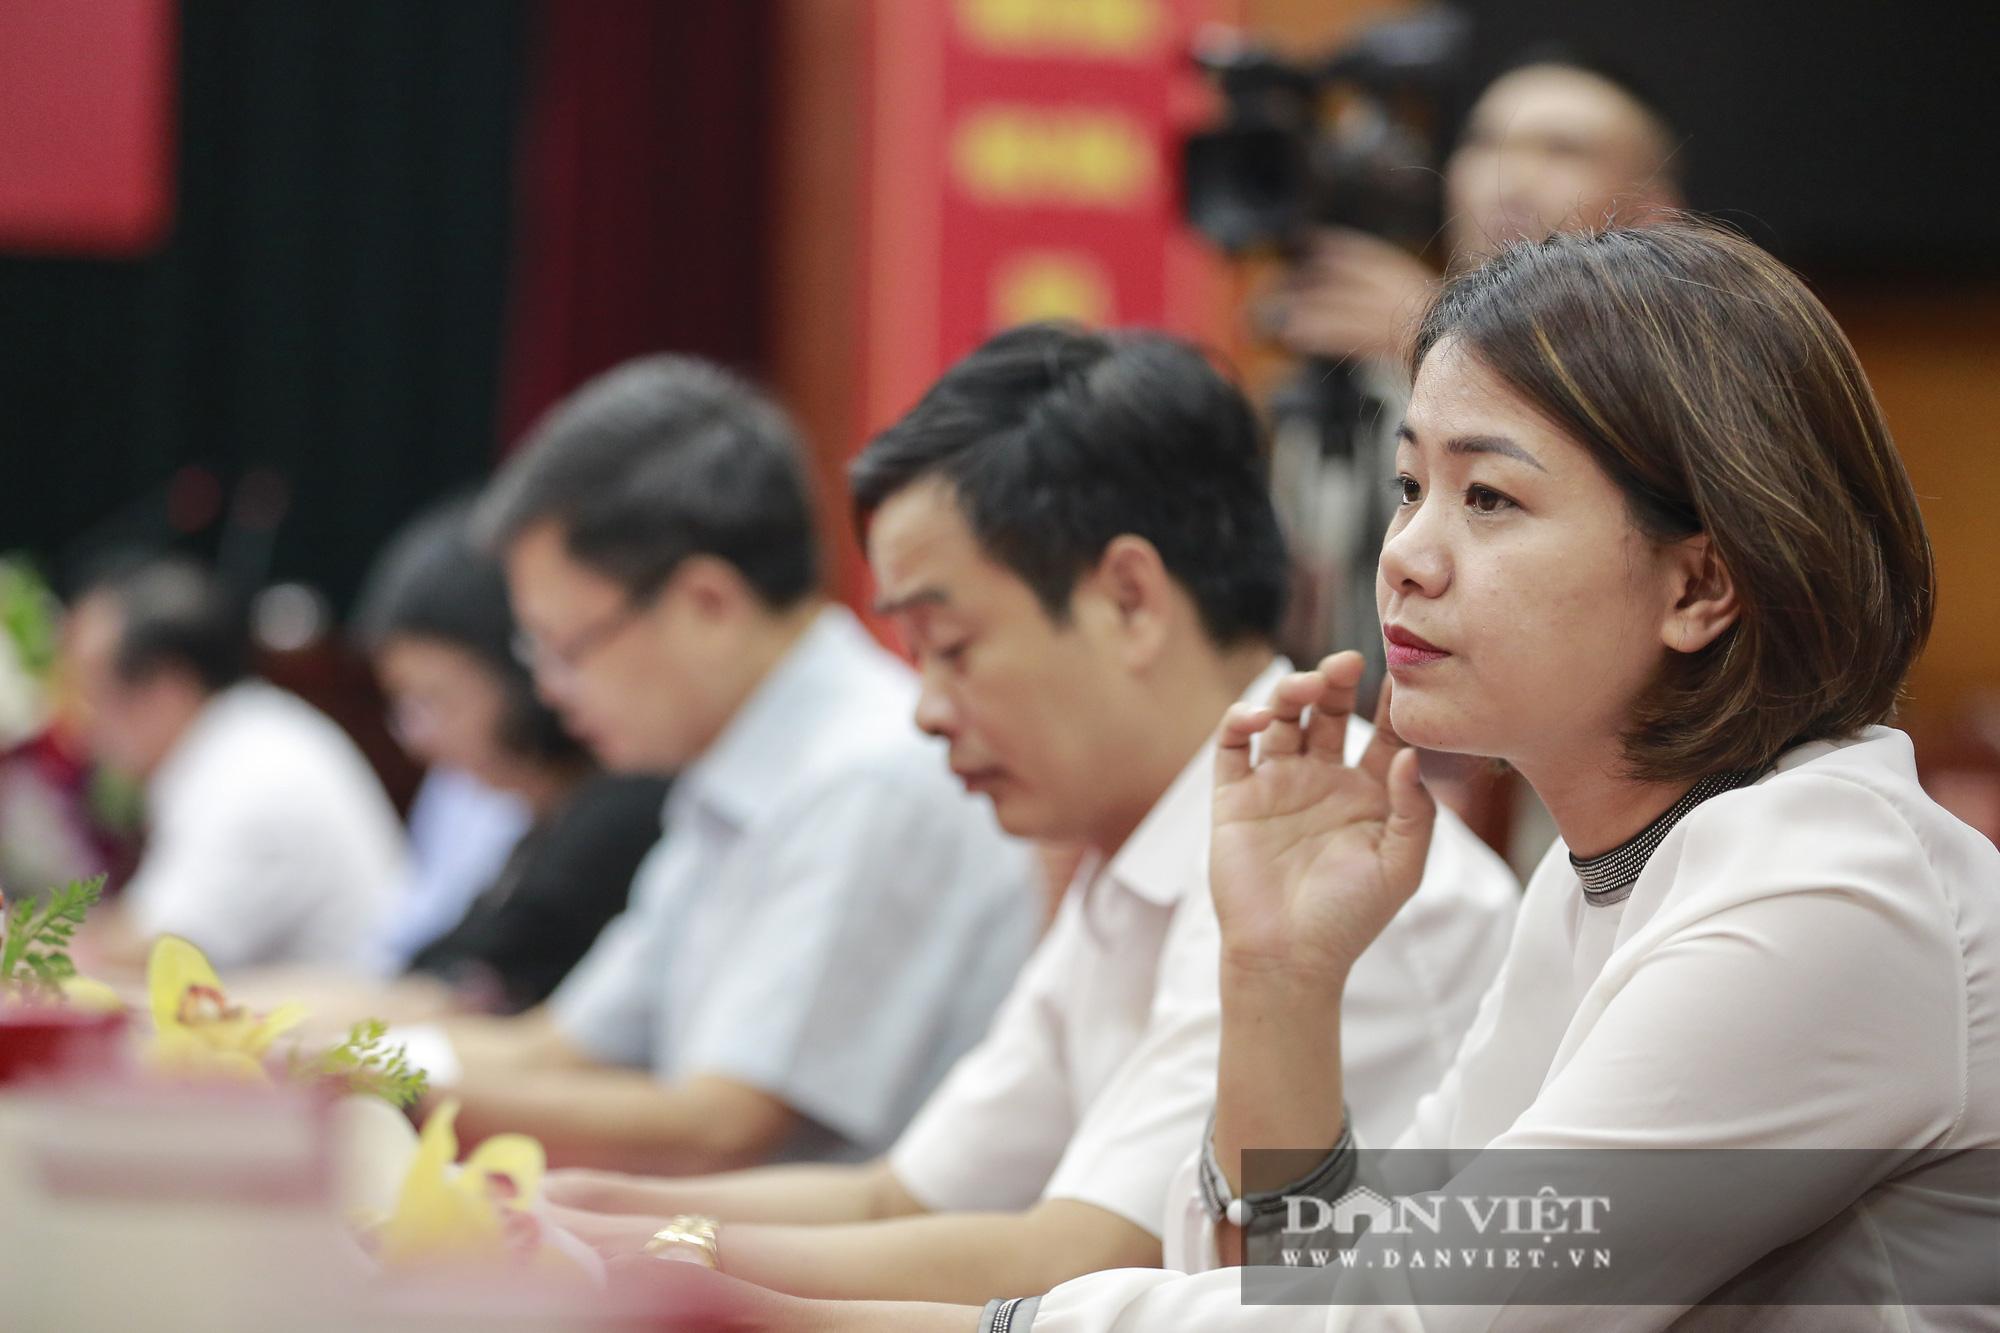 Toàn cảnh Họp báo kỷ niệm 90 năm Ngày thành lập Hội Nông dân Việt Nam - Ảnh 5.